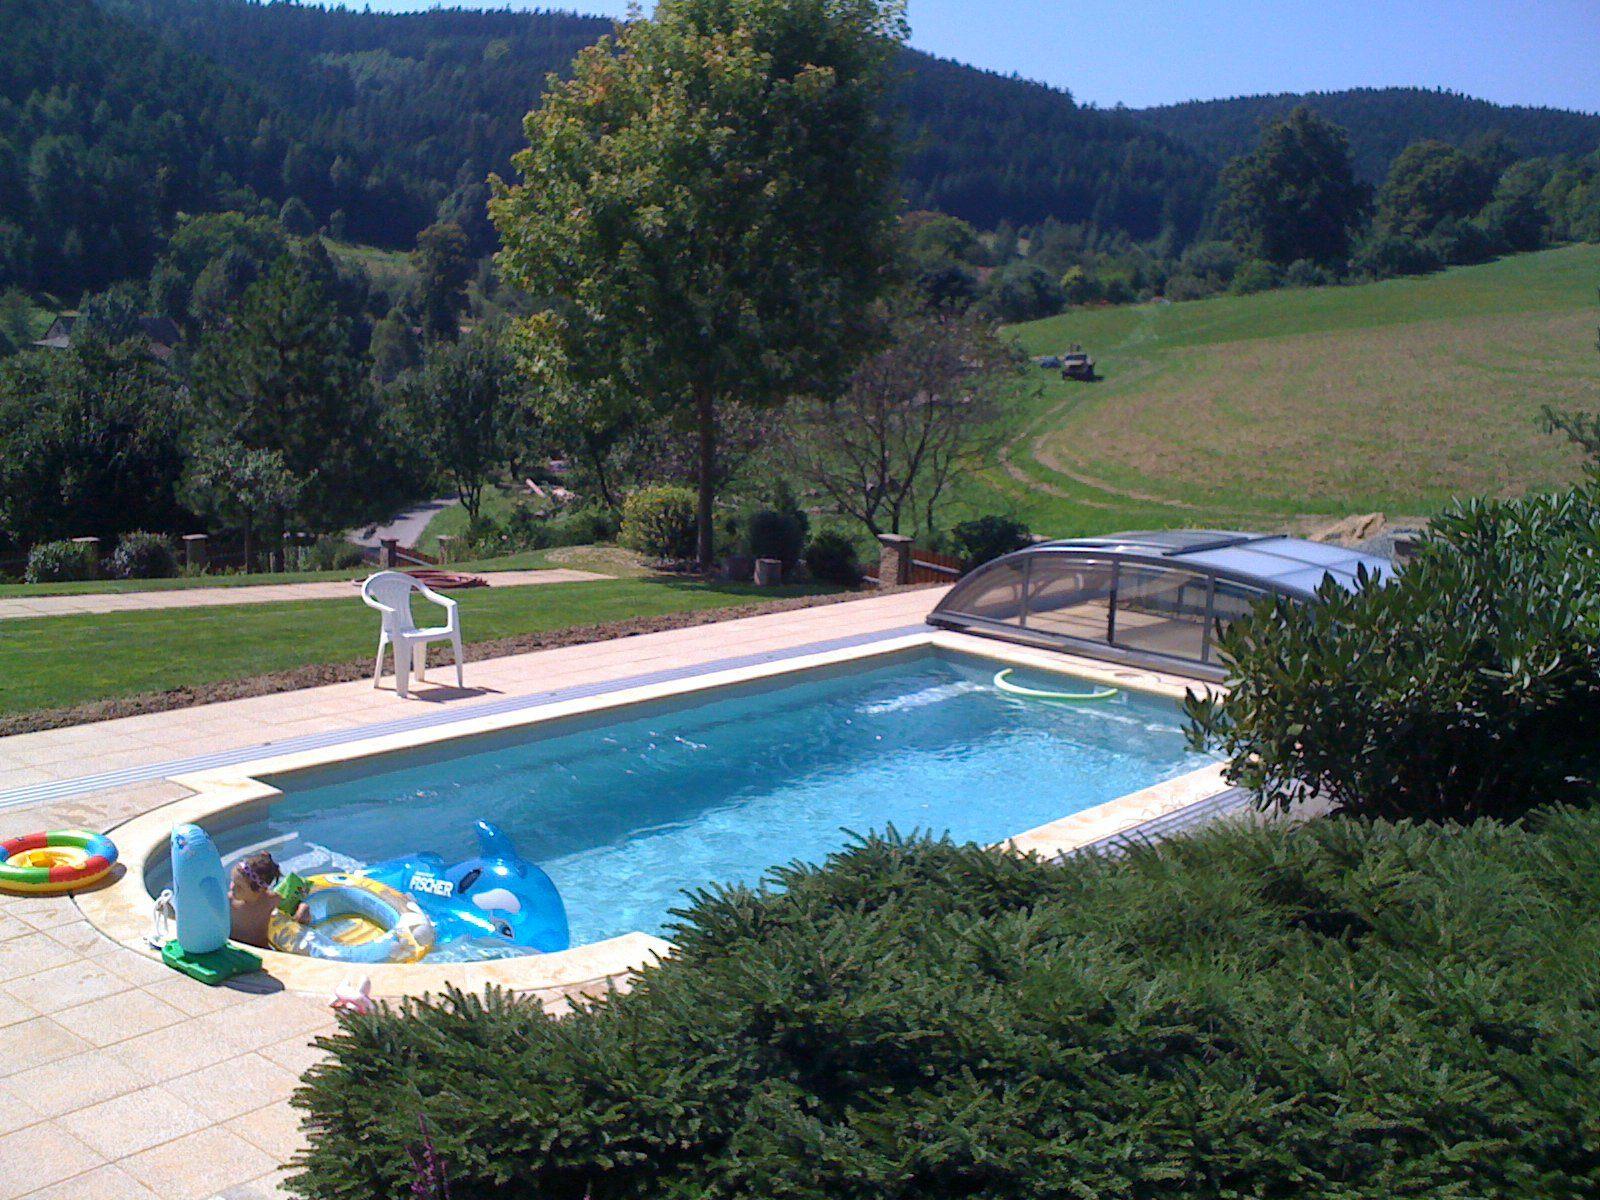 Kompletně dokončená stavba bazénu JAVA s hotovou úpravou okolí bazénu